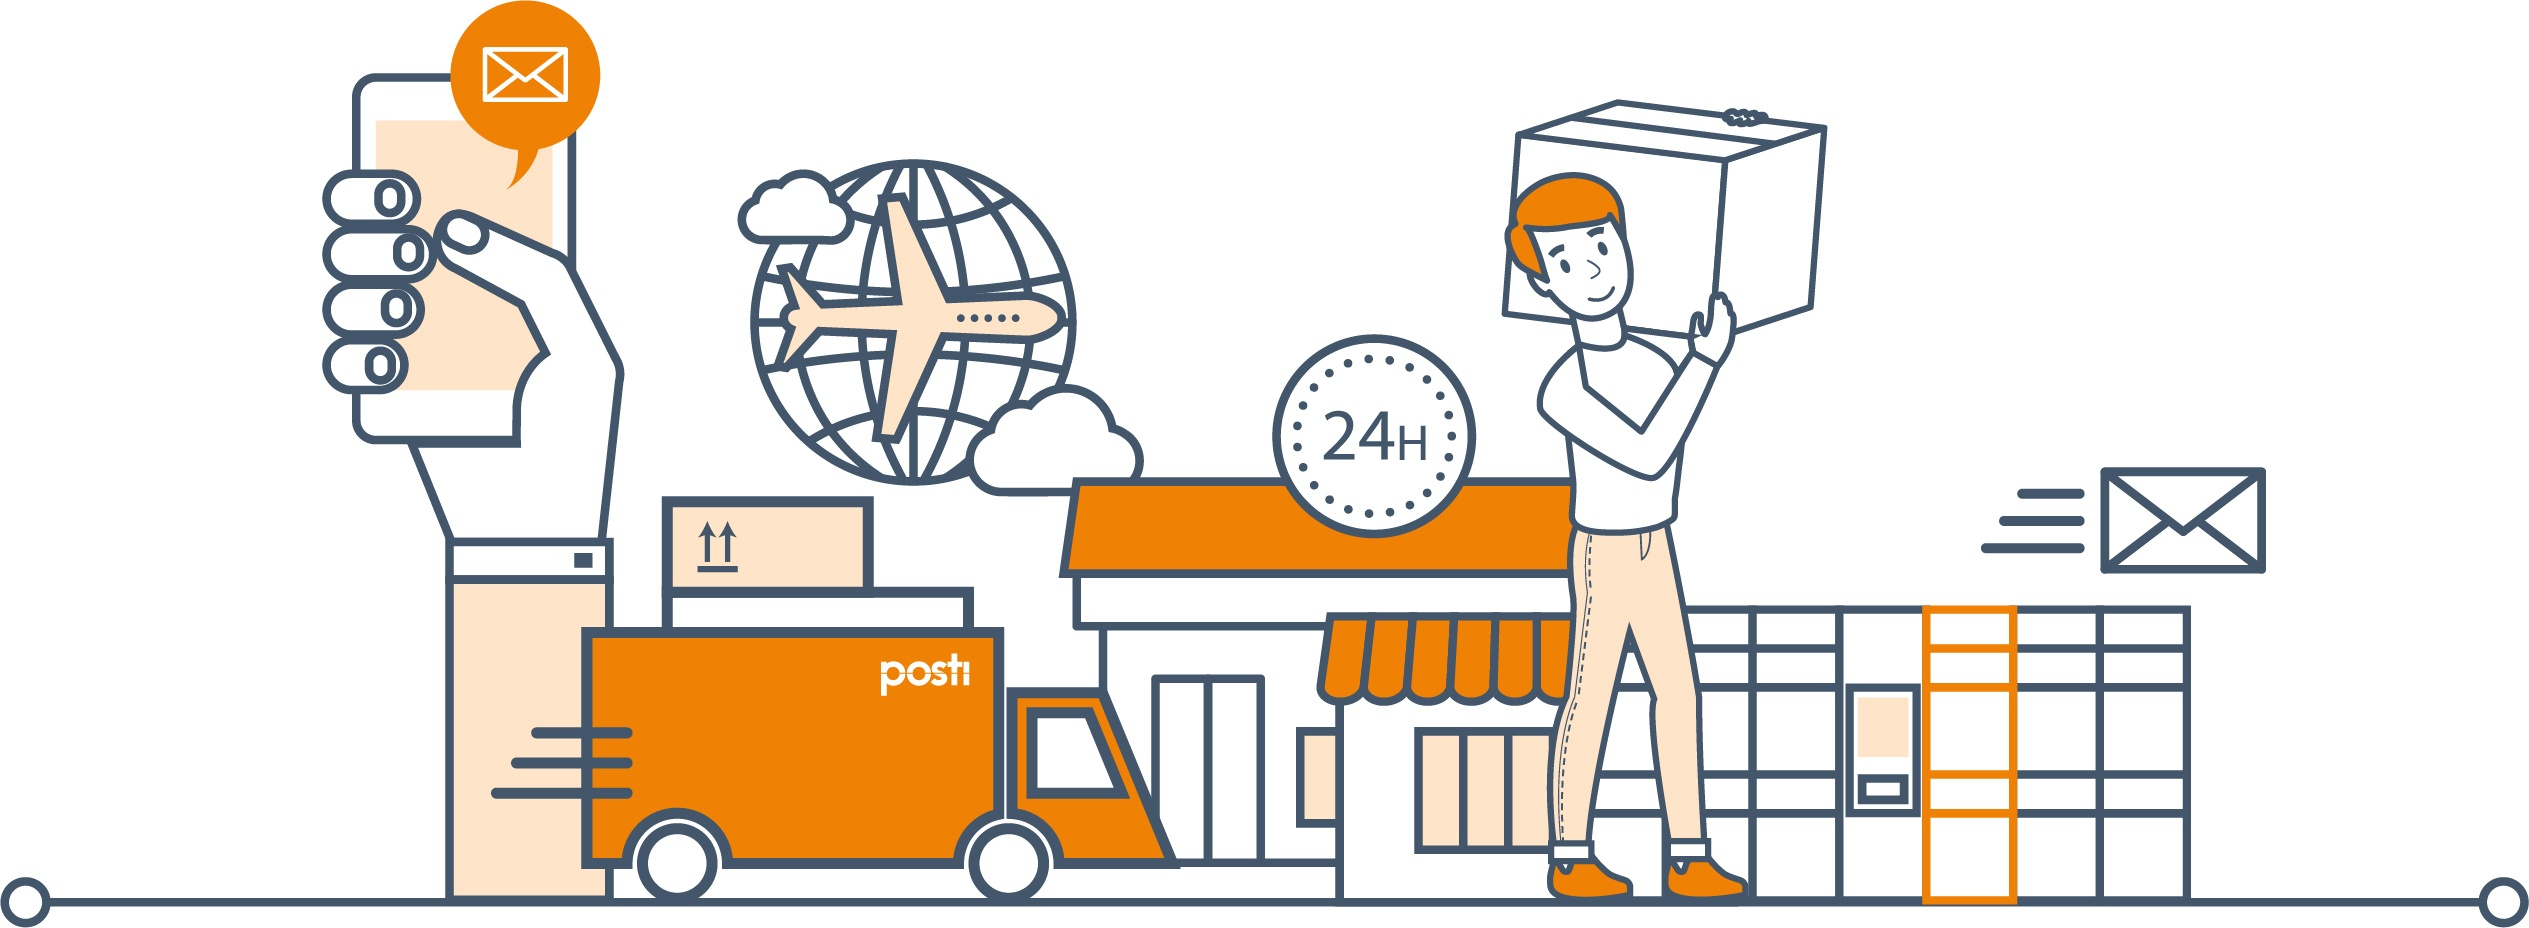 posti-toimitusvaihtoehdot-ohje